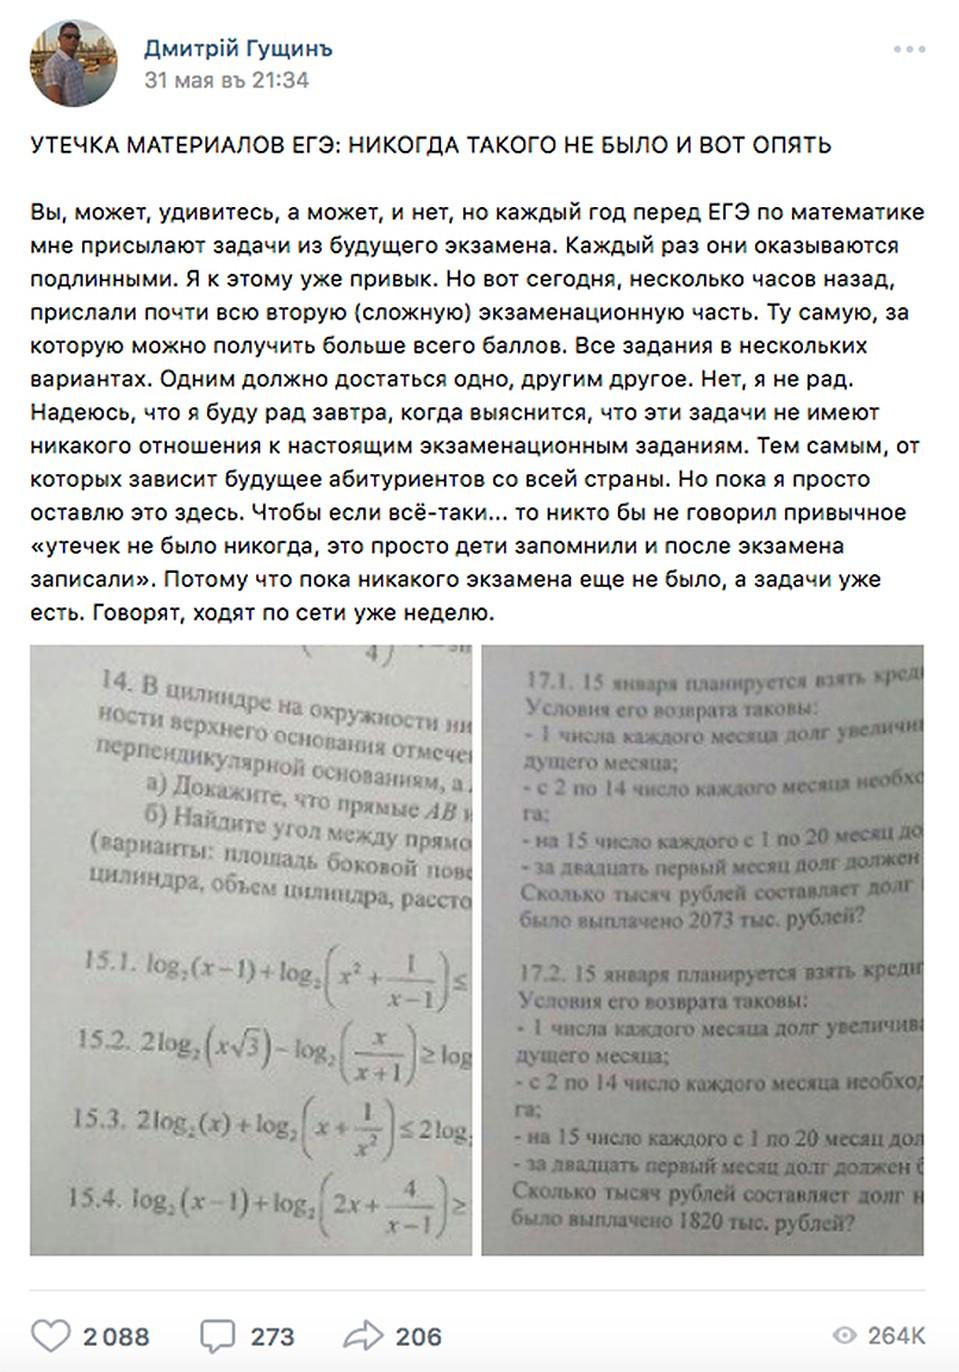 В любой момент Алексей может продать бумагу и положить вырученные.